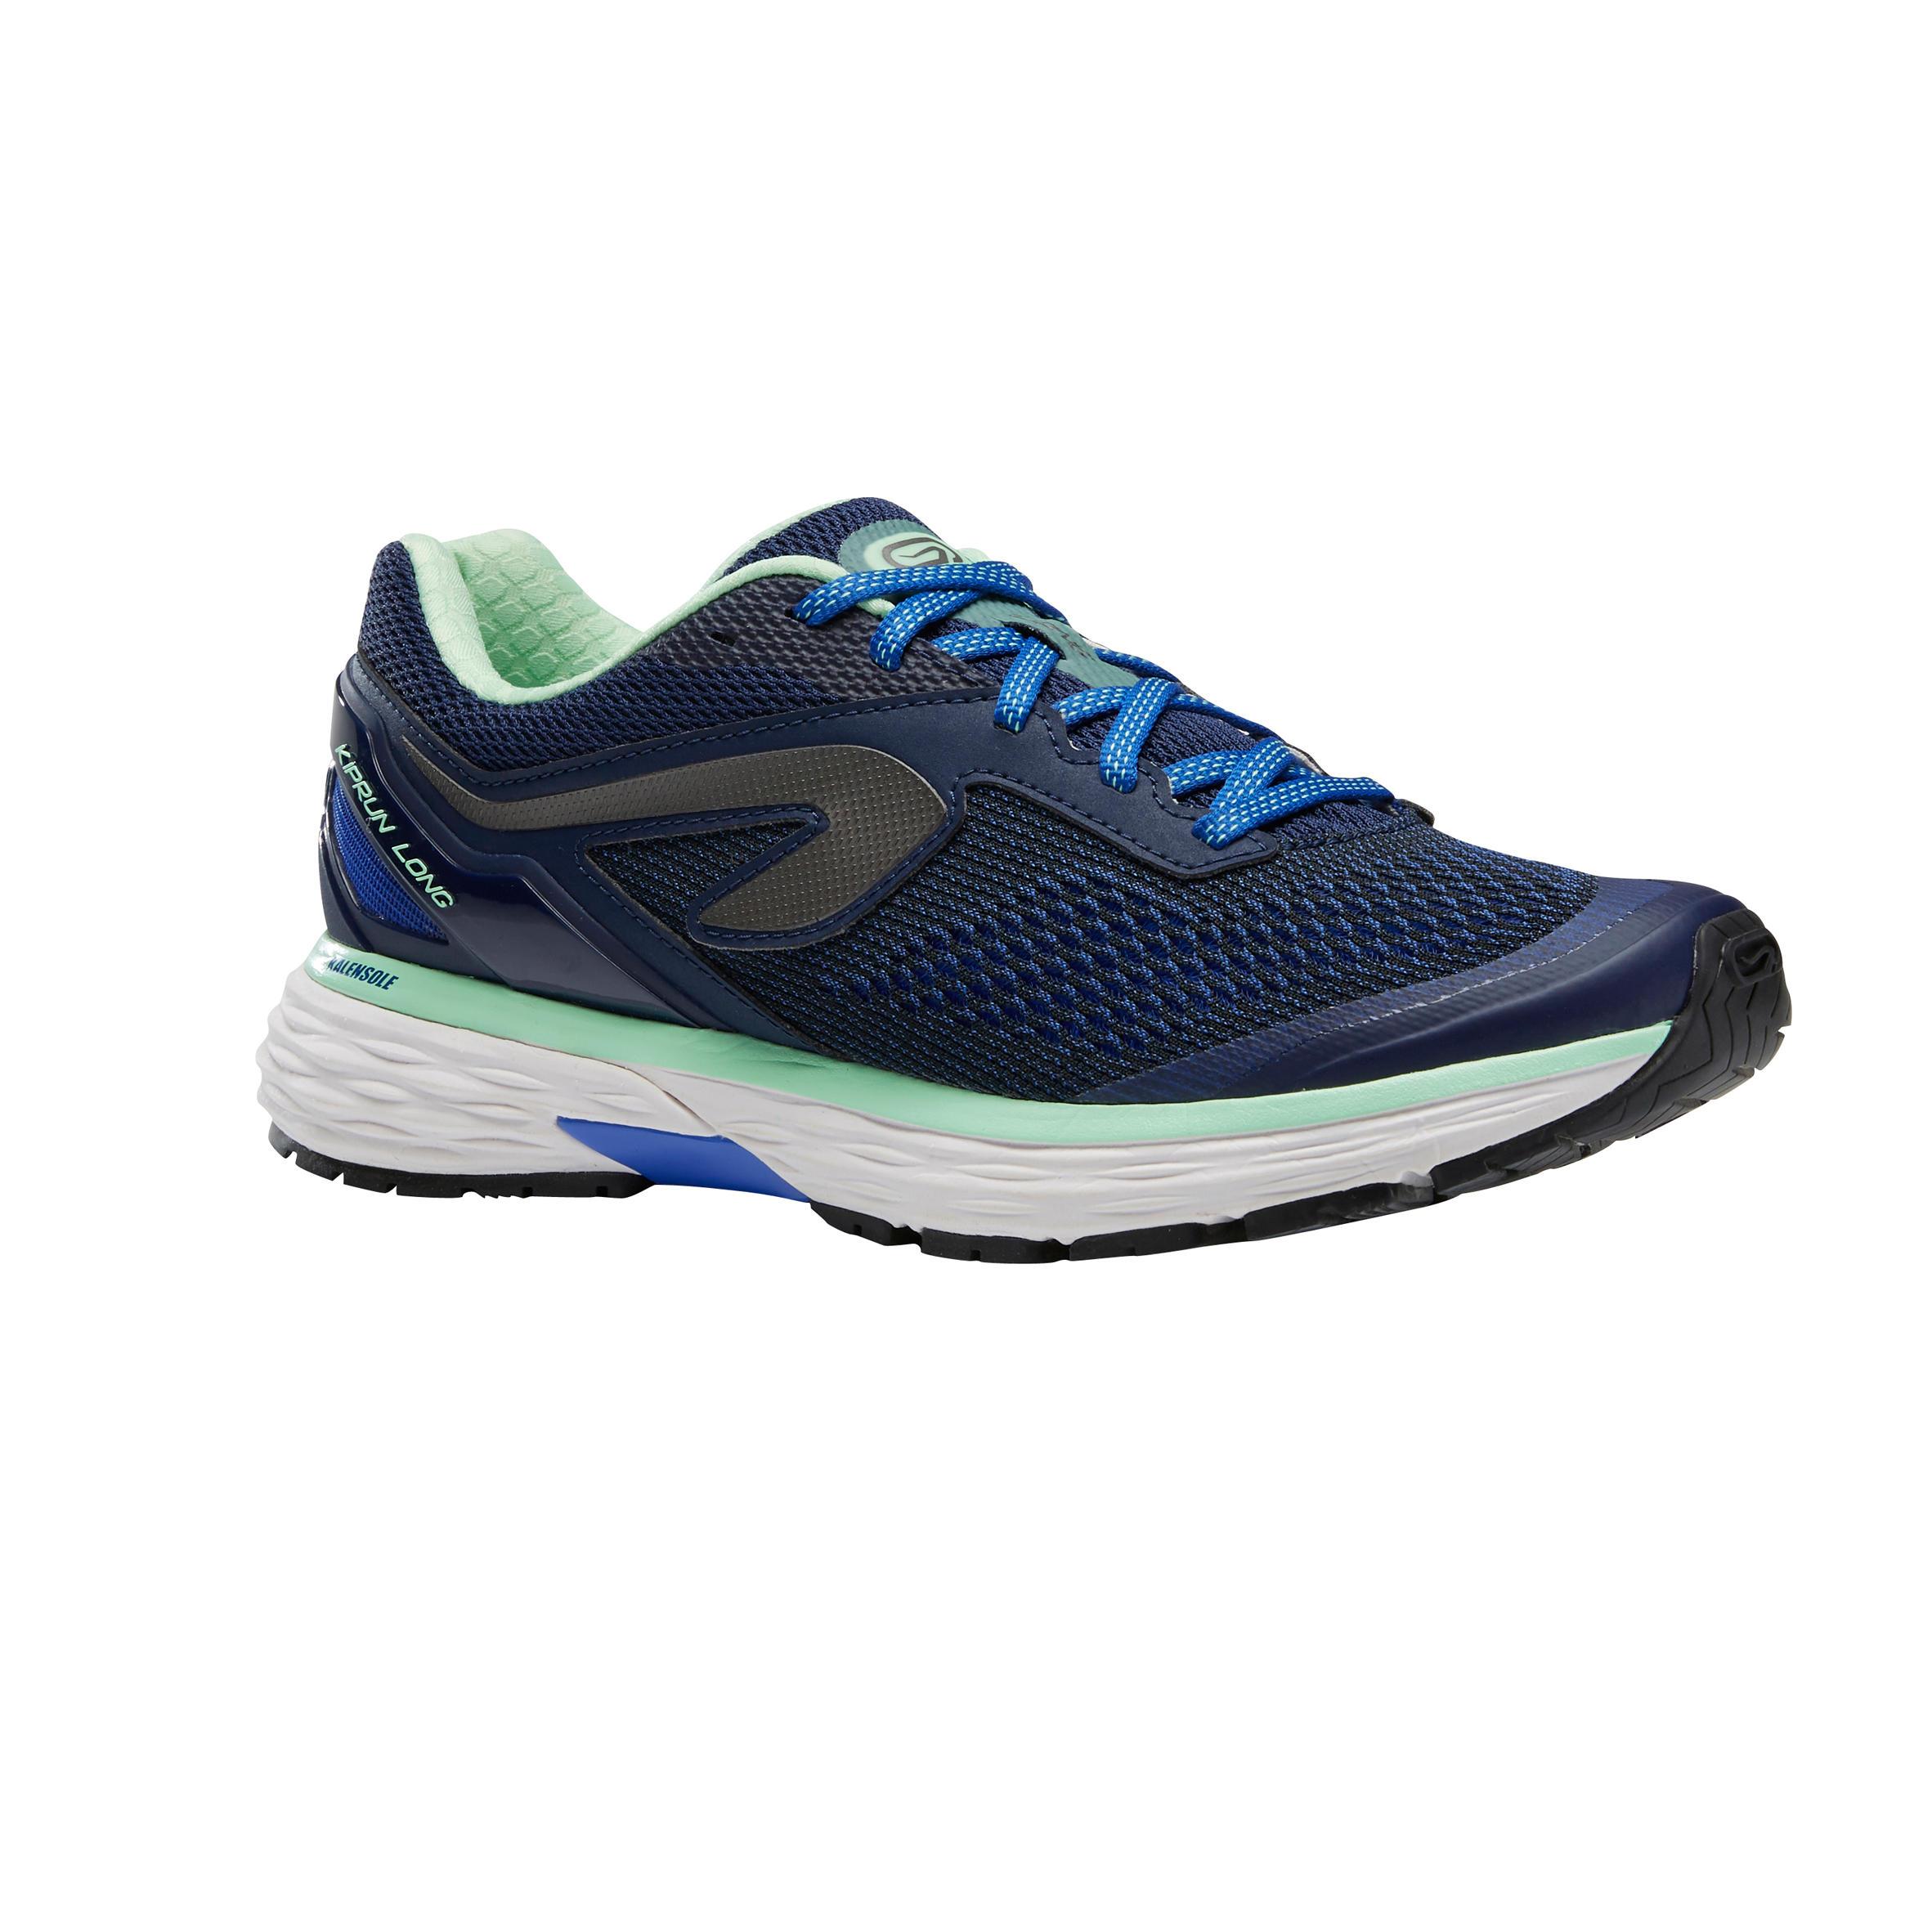 0ab55dd2c Comprar Zapatillas de running para correr mujer